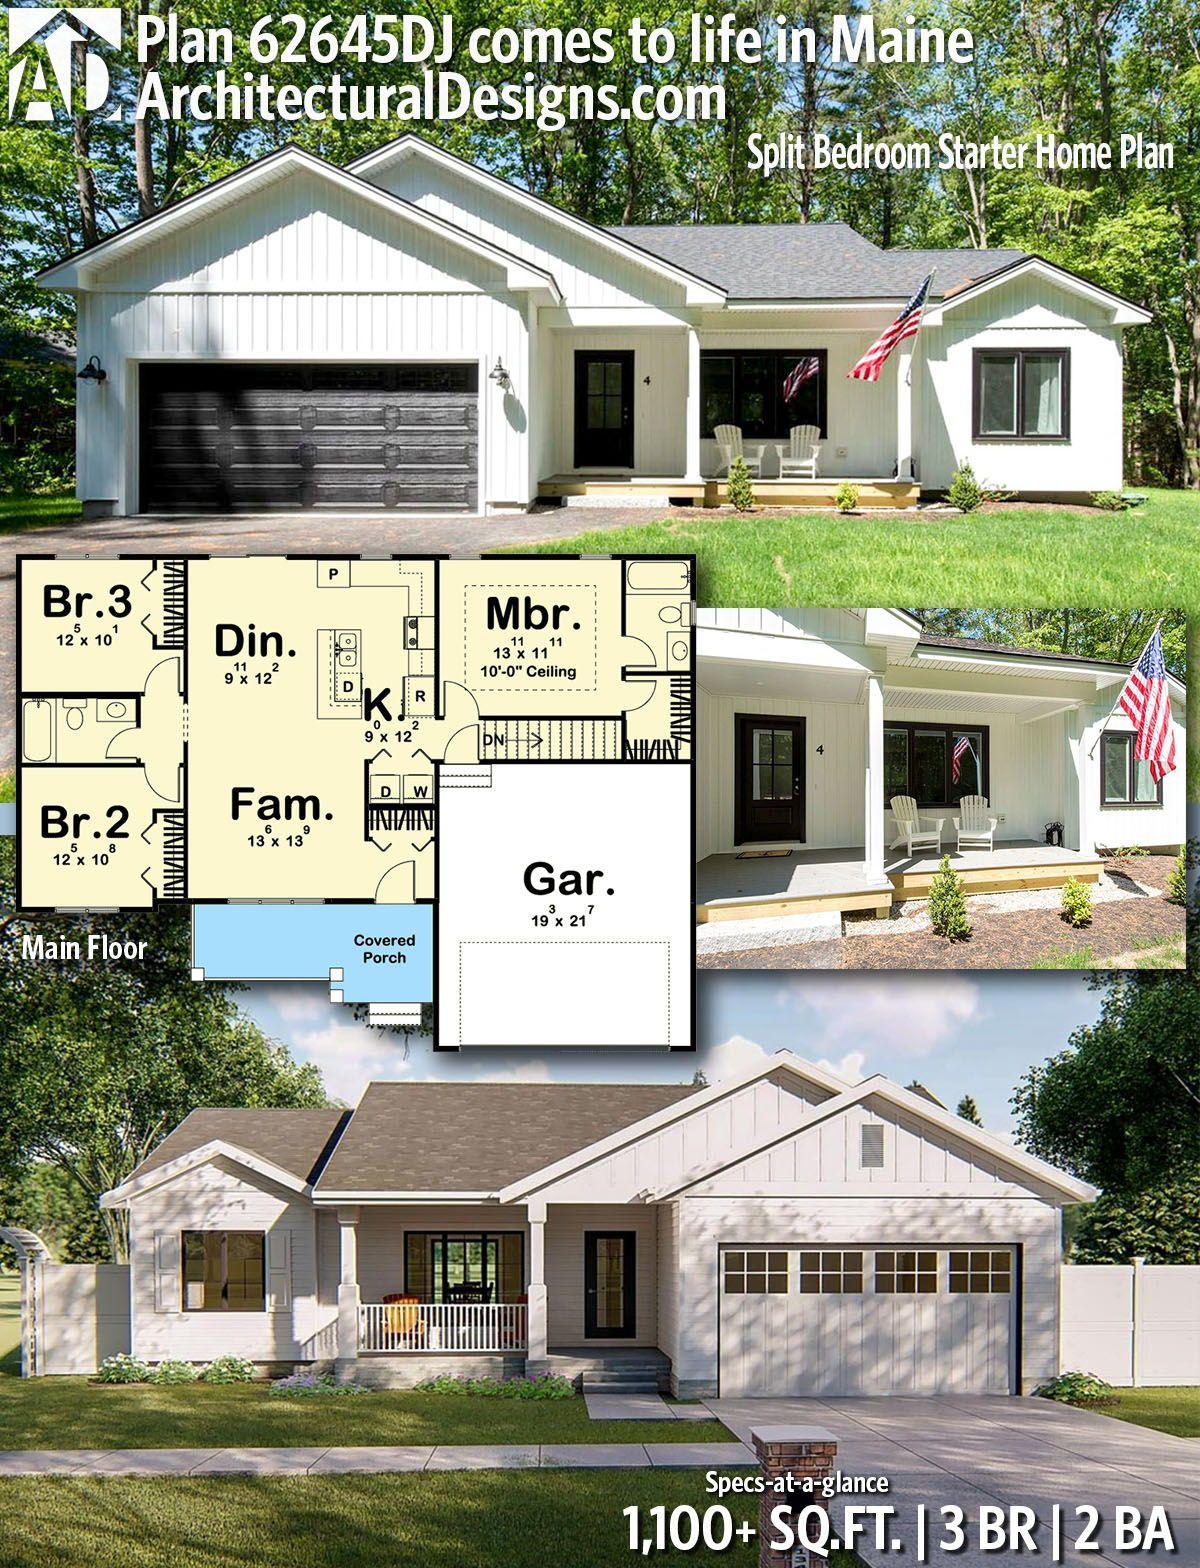 Plan 62645dj Split Bedroom Starter Home Plan House Plans Starter Home Plans New House Plans